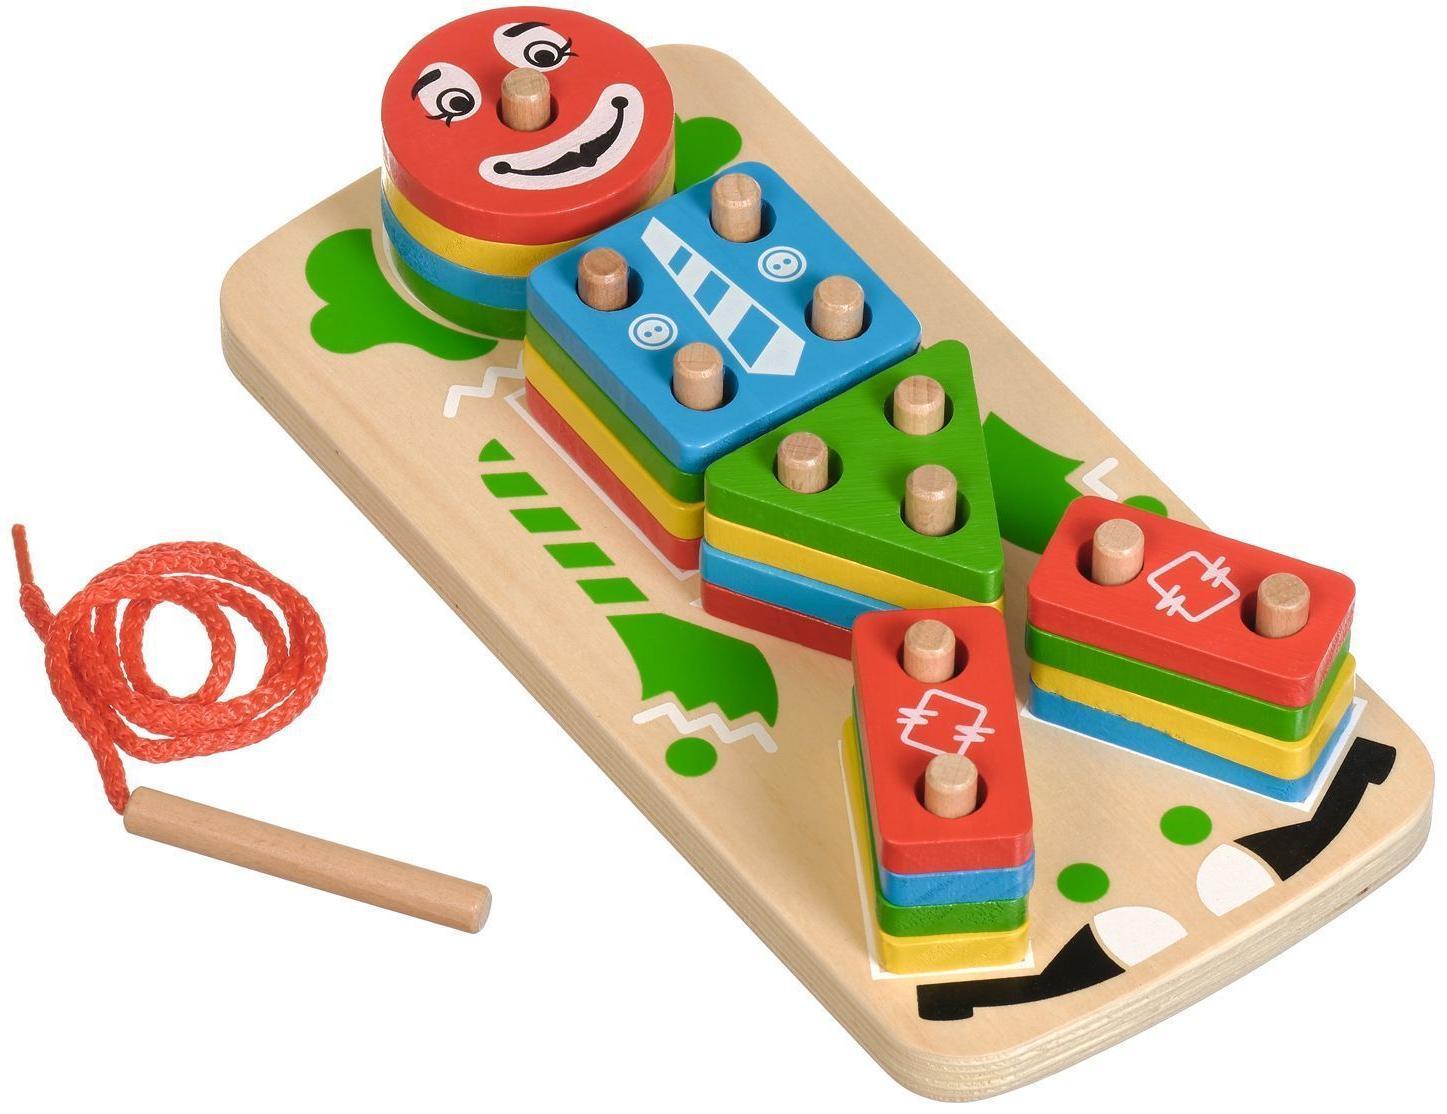 Купить МДИ Клоун | Д224 - деревянный сортер-пирамидка, Мир деревянных игрушек, Китай